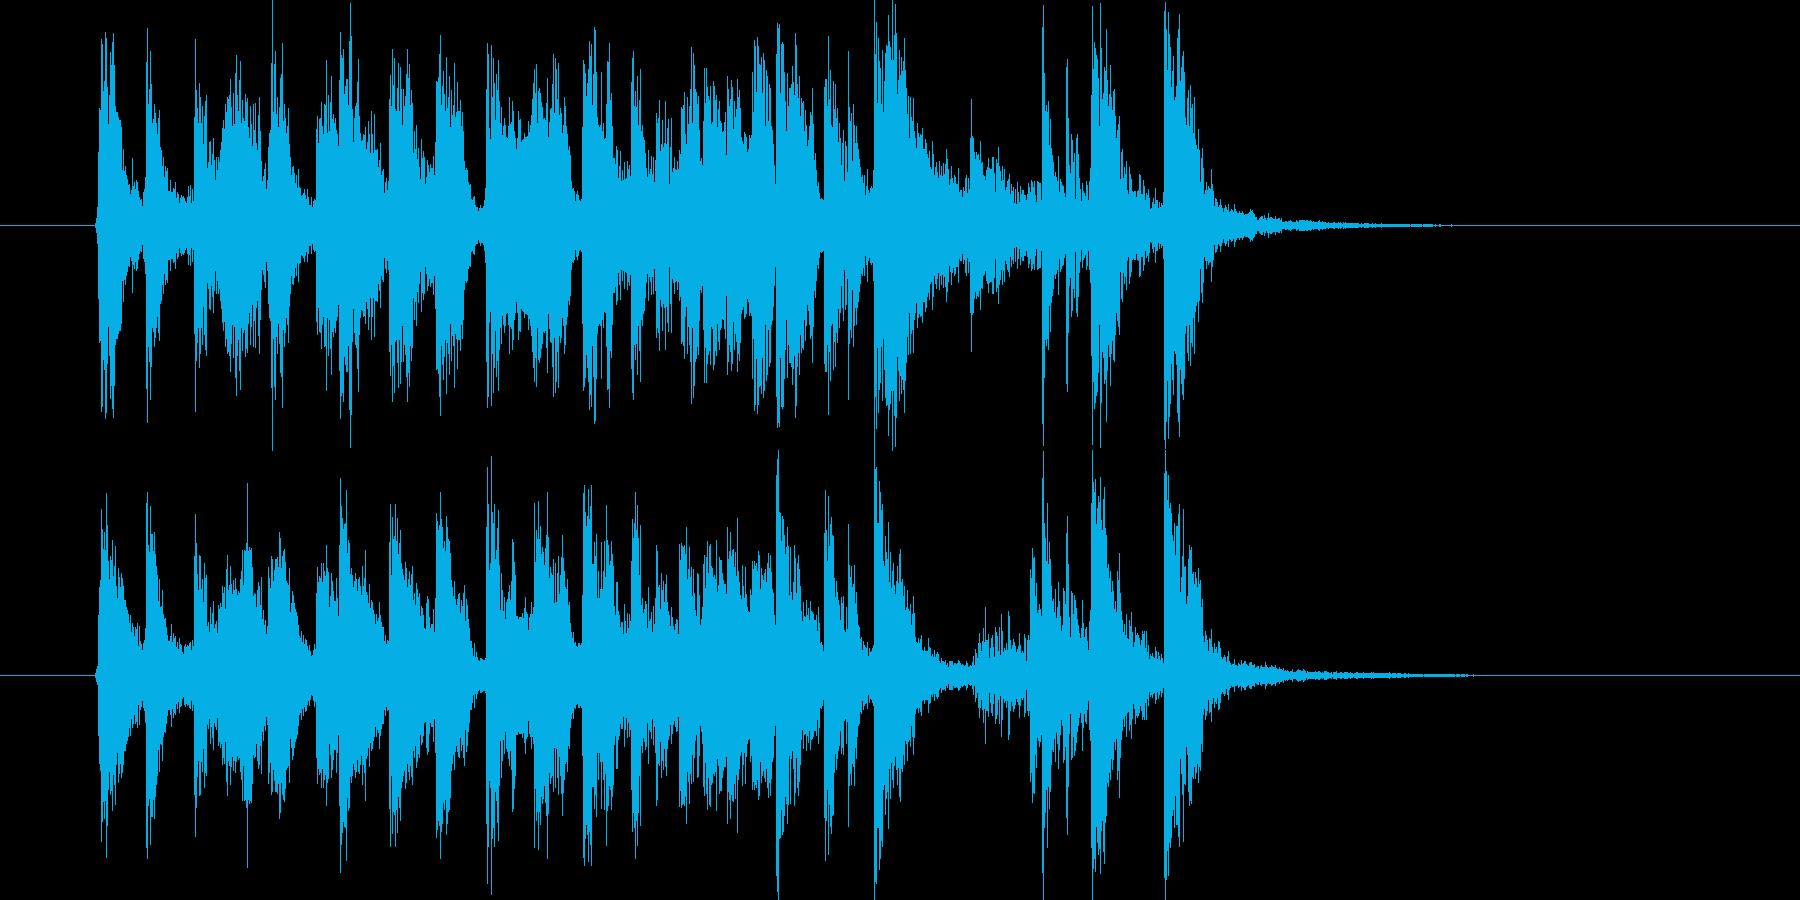 バンドが特徴のポップスのジングル曲の再生済みの波形